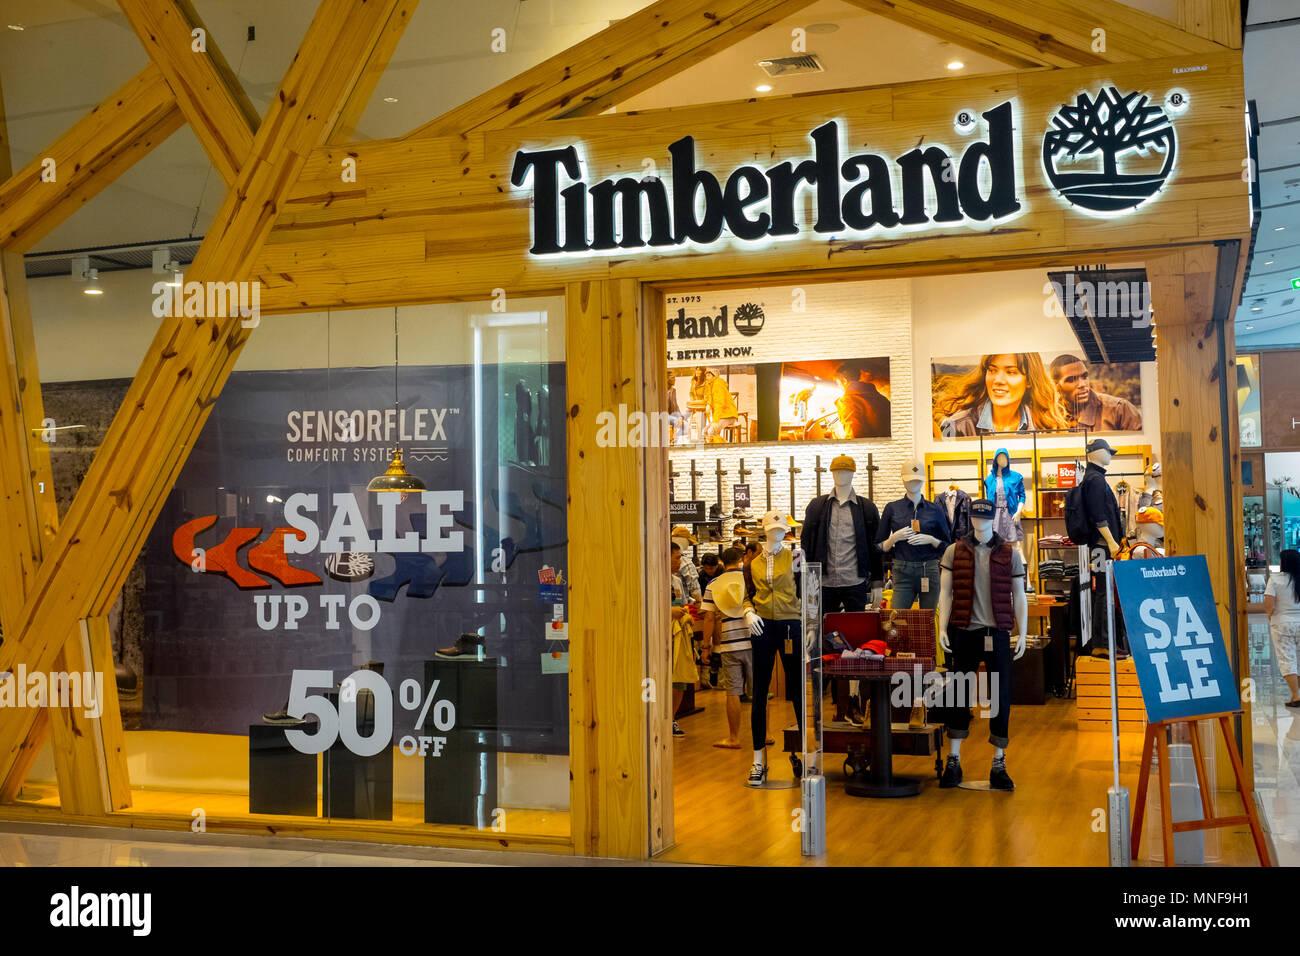 sin Casa Cañón  Bangkok, Tailandia - Enero 29, 2017 : Timberland store en el mundo Central  Department Store venta hasta un 50 Fotografía de stock - Alamy